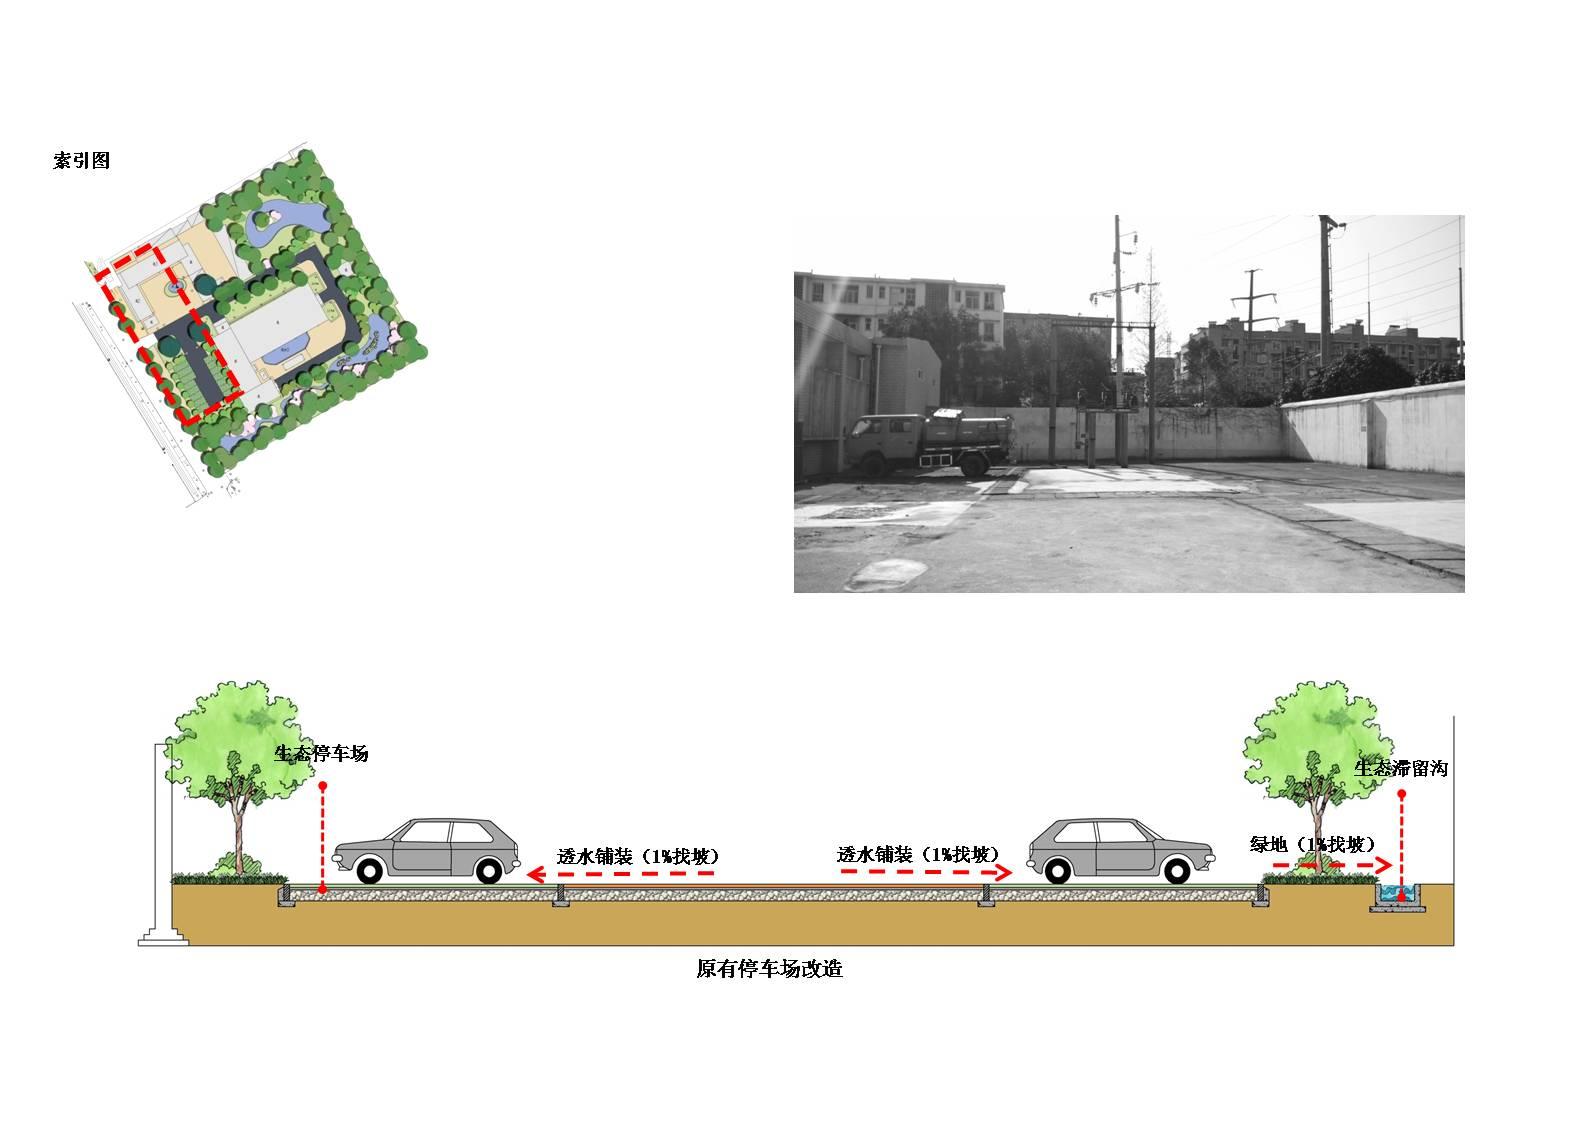 生态停车场断面图杨波绘-海绵城市理论与运用实践初探